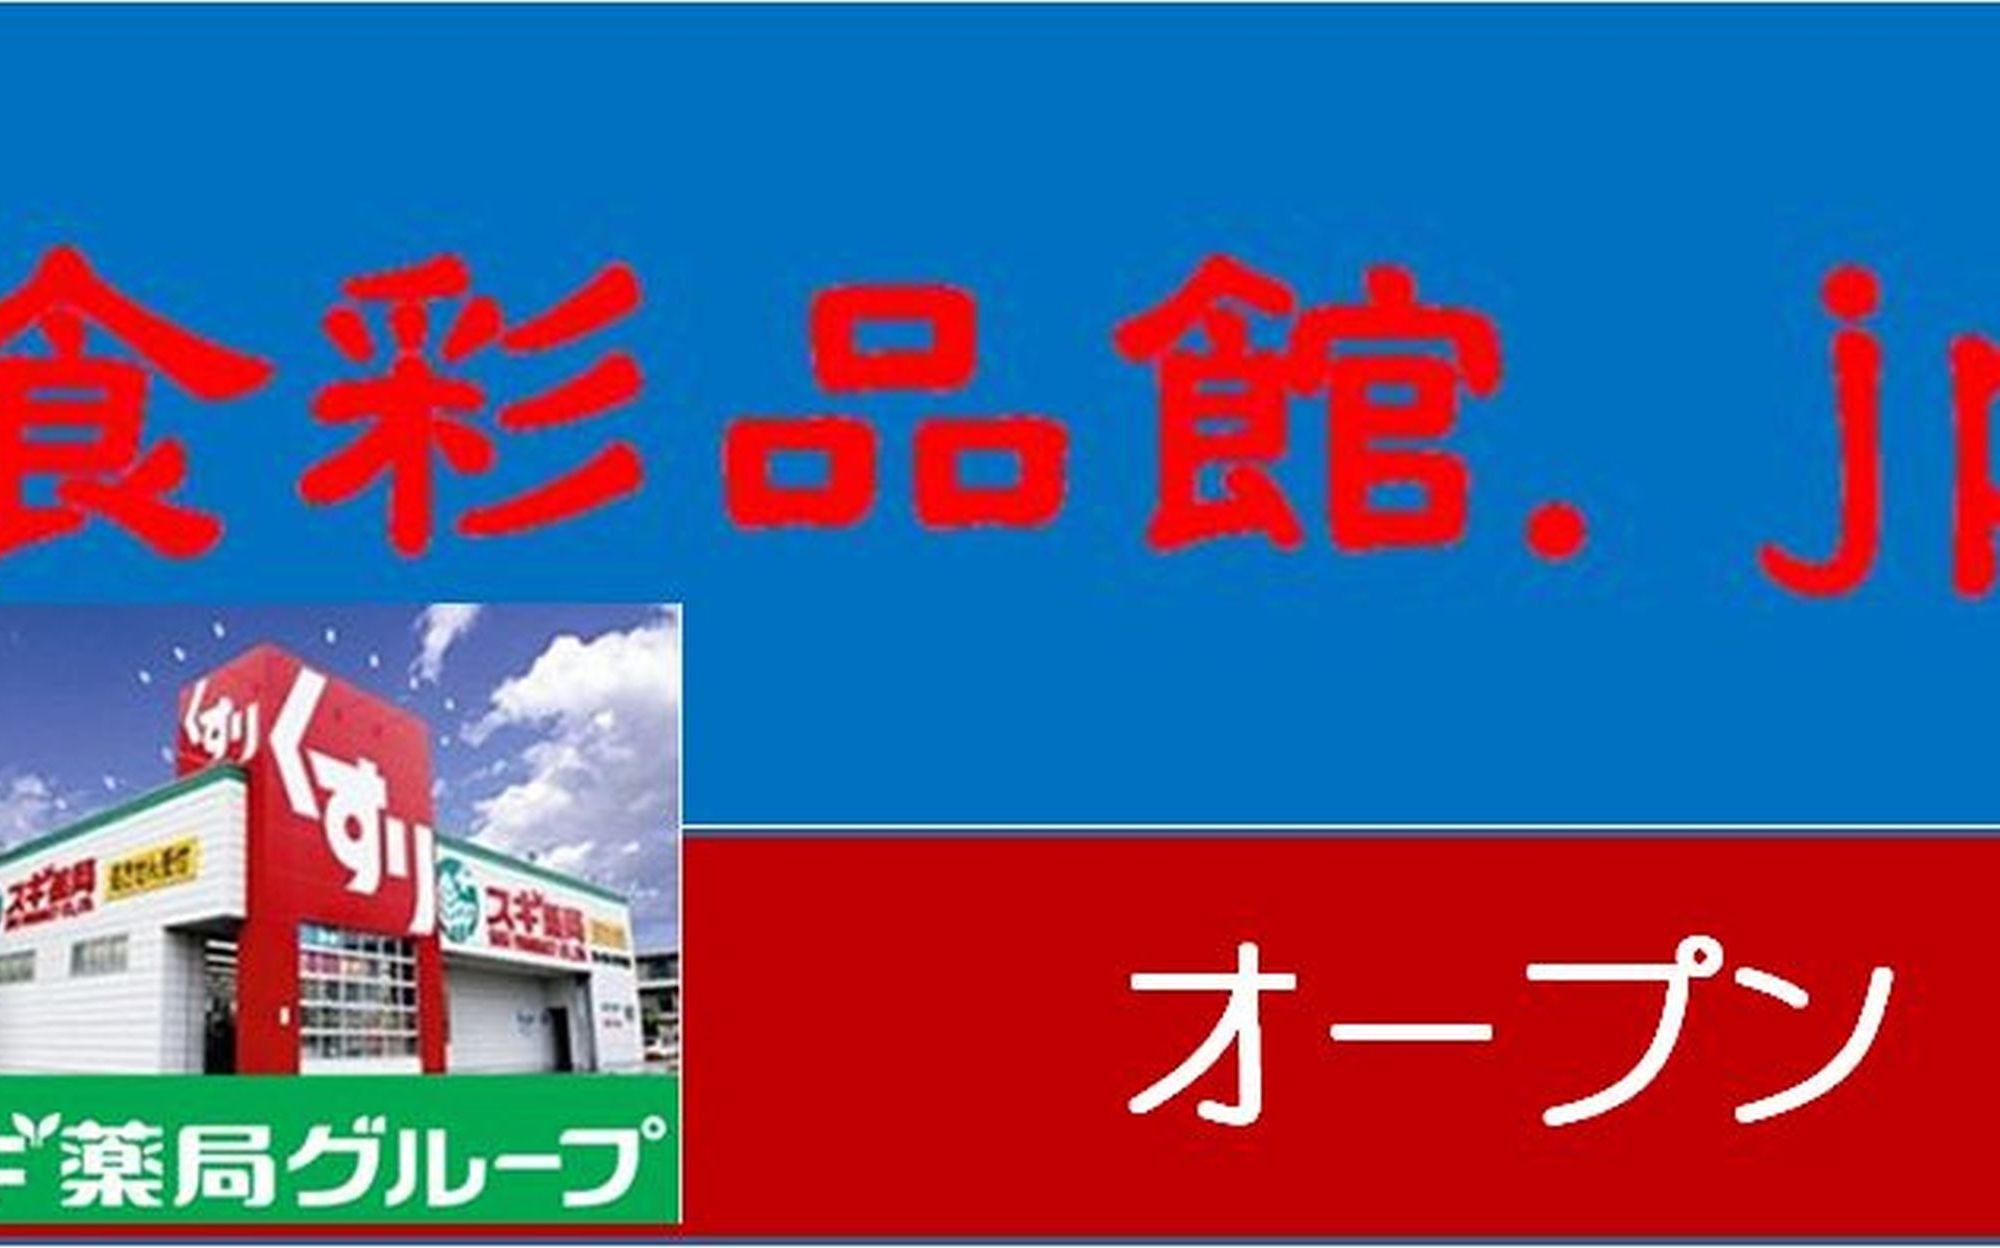 スギ薬局信濃橋店(大阪市)スギドラッグ信濃橋店2020年7月16日オープン。スギ薬局調剤信濃橋店8月1日オープン